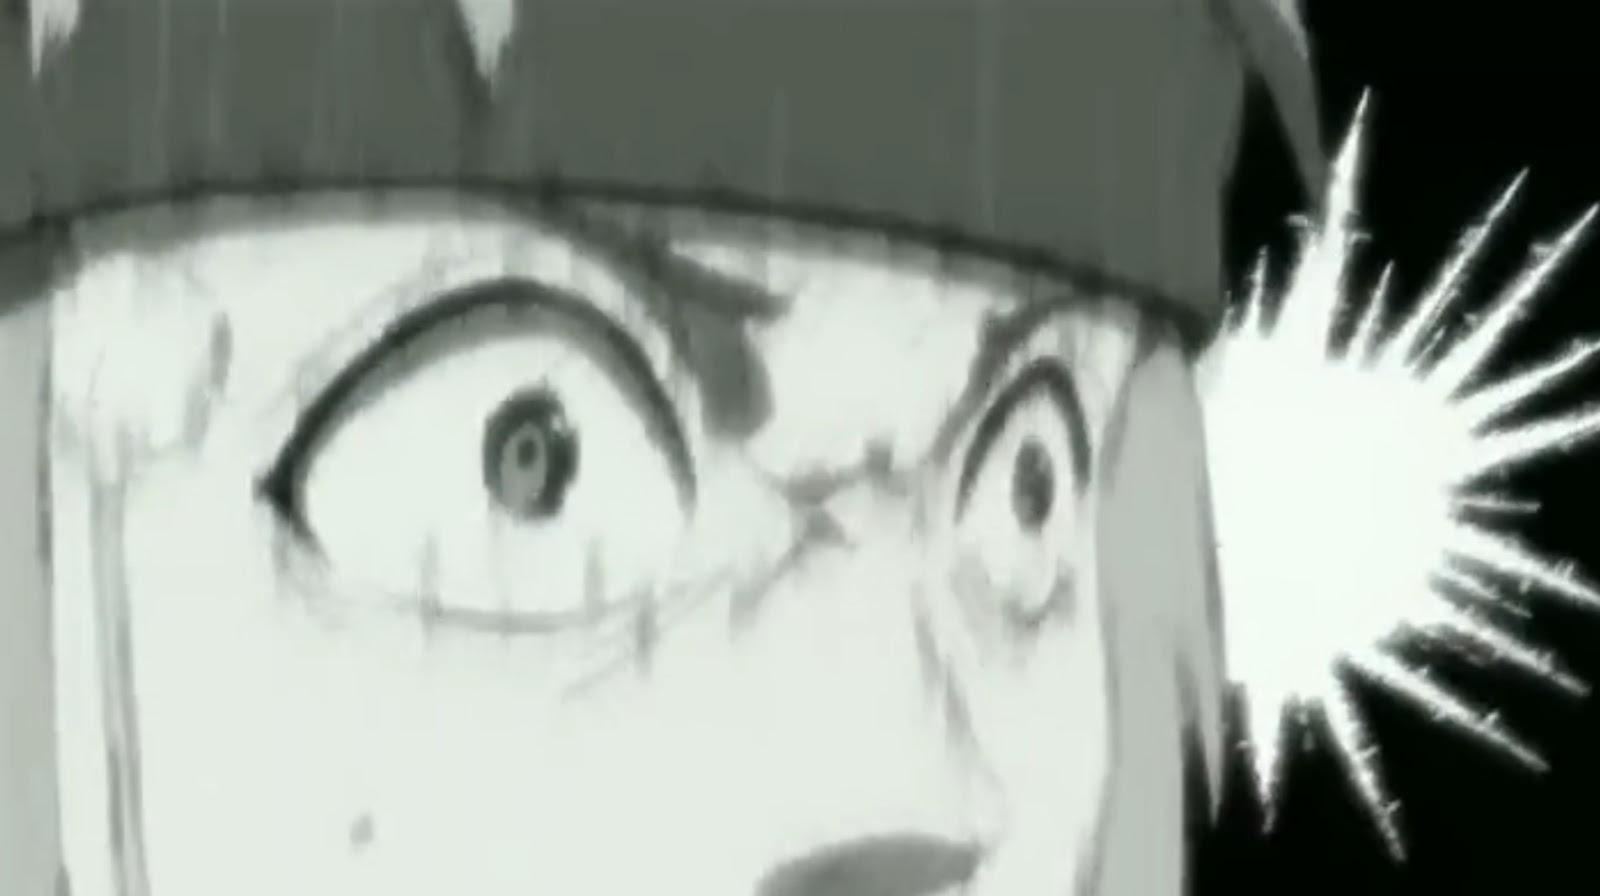 Naruto Shippuden Episódio 98, Assistir Naruto Shippuden Episódio 98, Assistir Naruto Shippuden Todos os Episódios Legendado, Naruto Shippuden episódio 98,HD